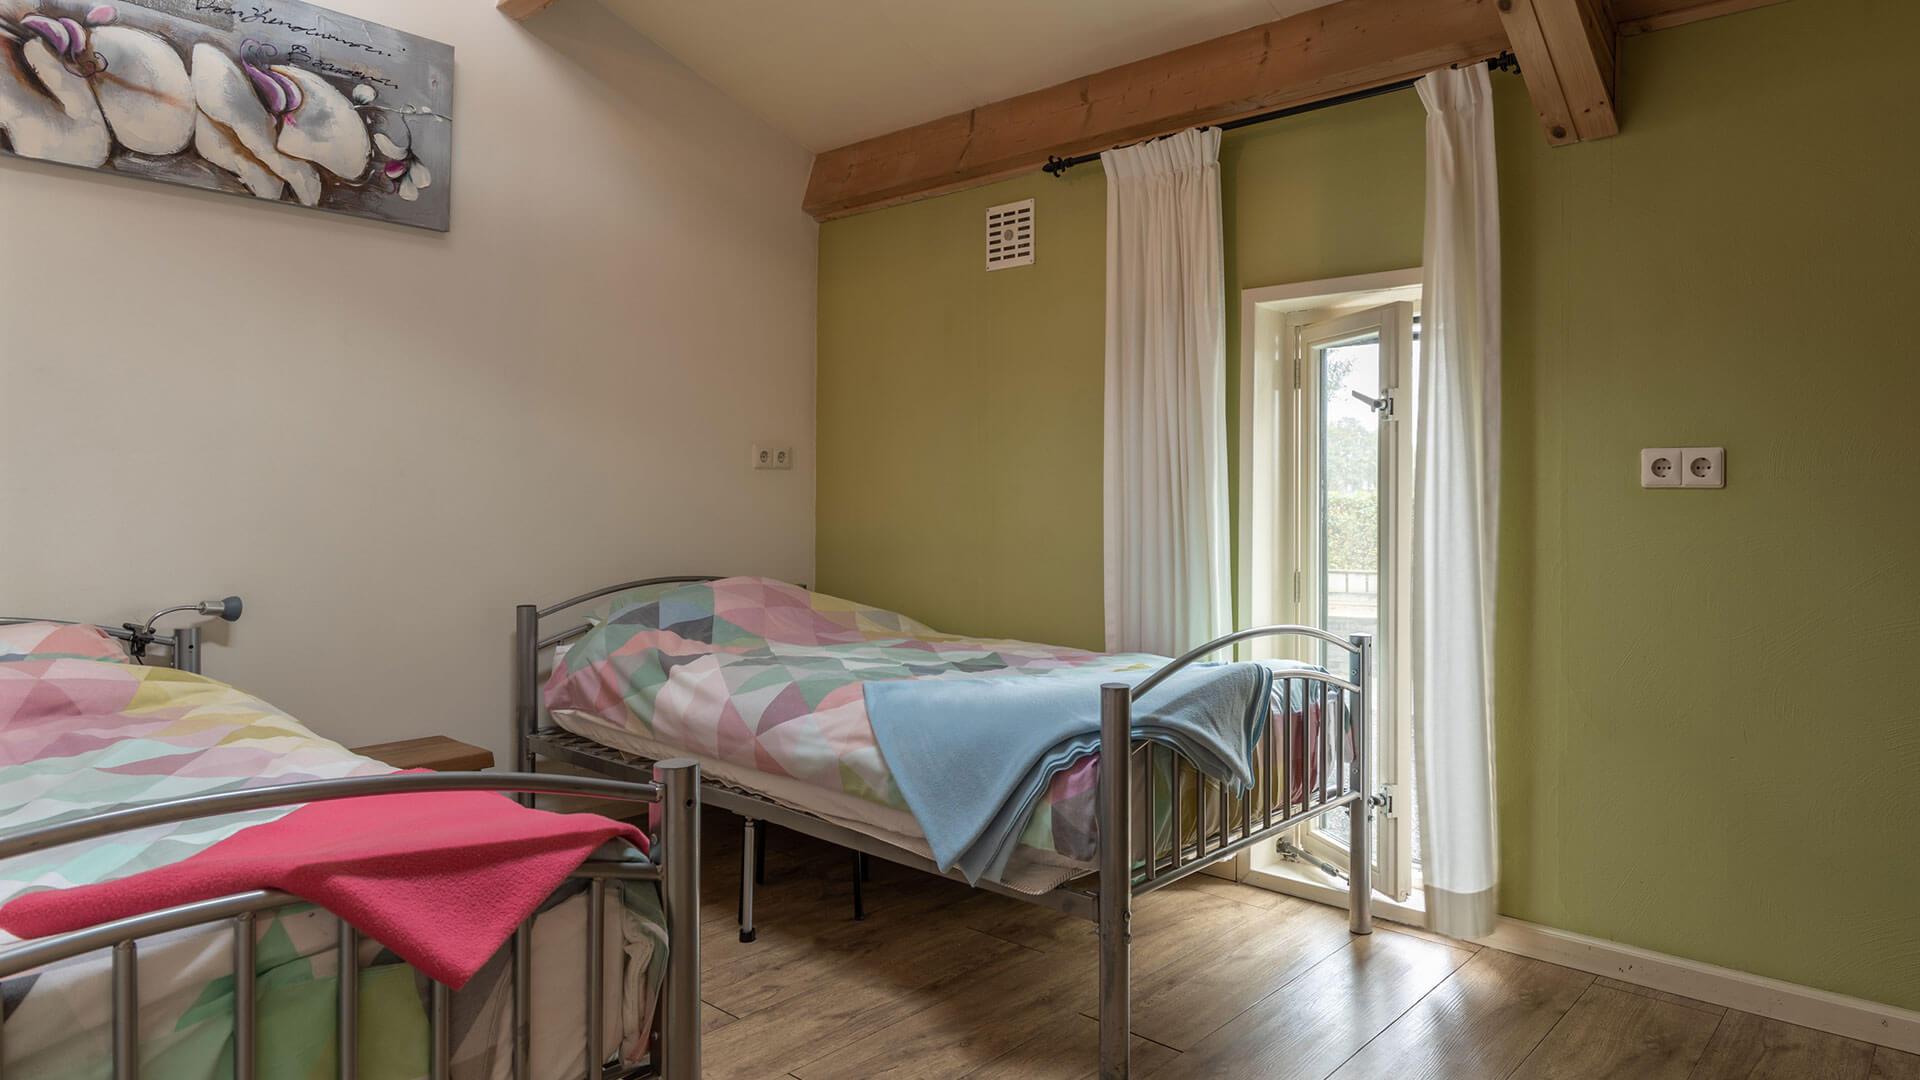 kamer met 2 bedden